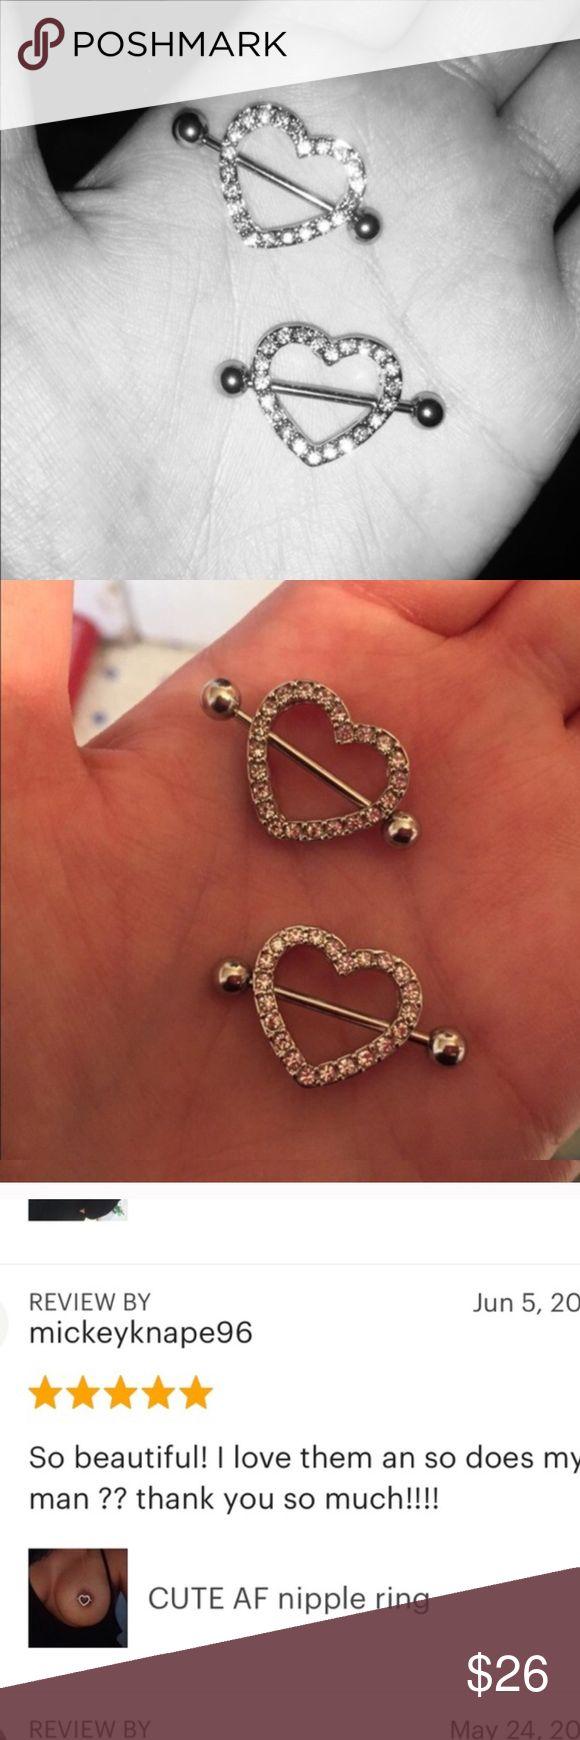 CUTE AF nipple rings Brand new 2 pcs nipple rings  Accessories